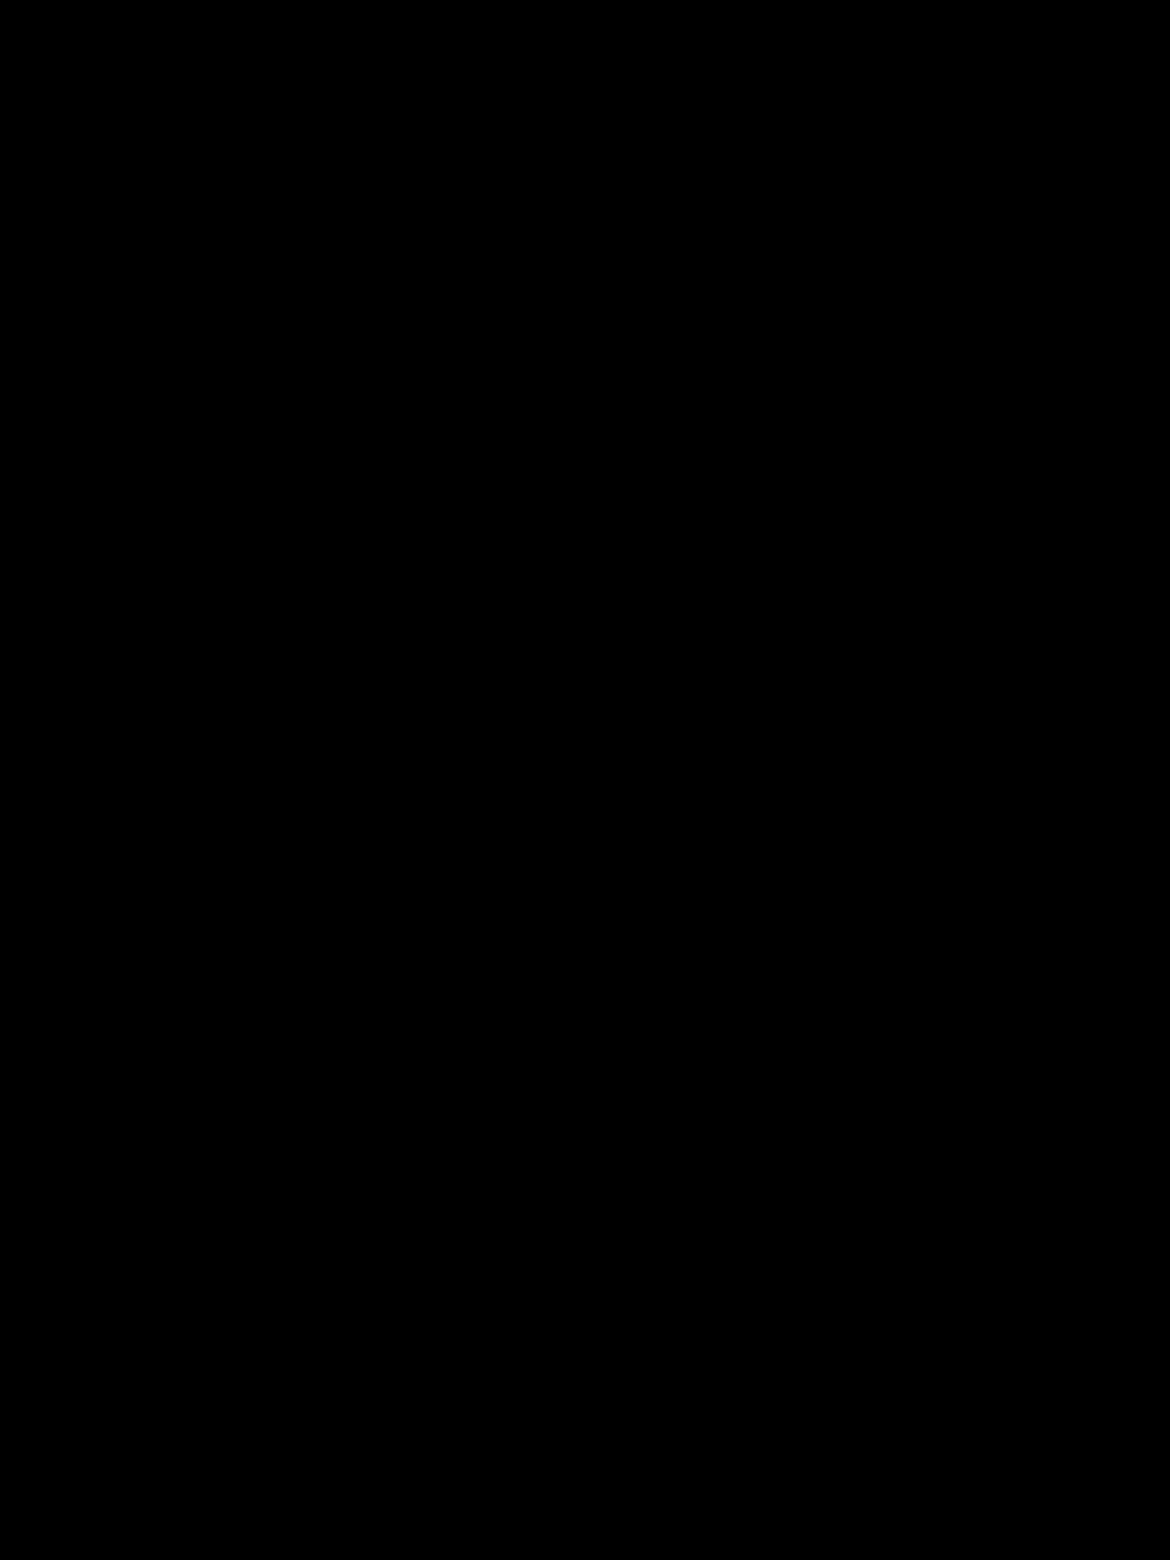 Laura Comolli e Nicoletta Zironi alla scoperta dei profumi Maison Christian Dior presso la Rinascente di Torino